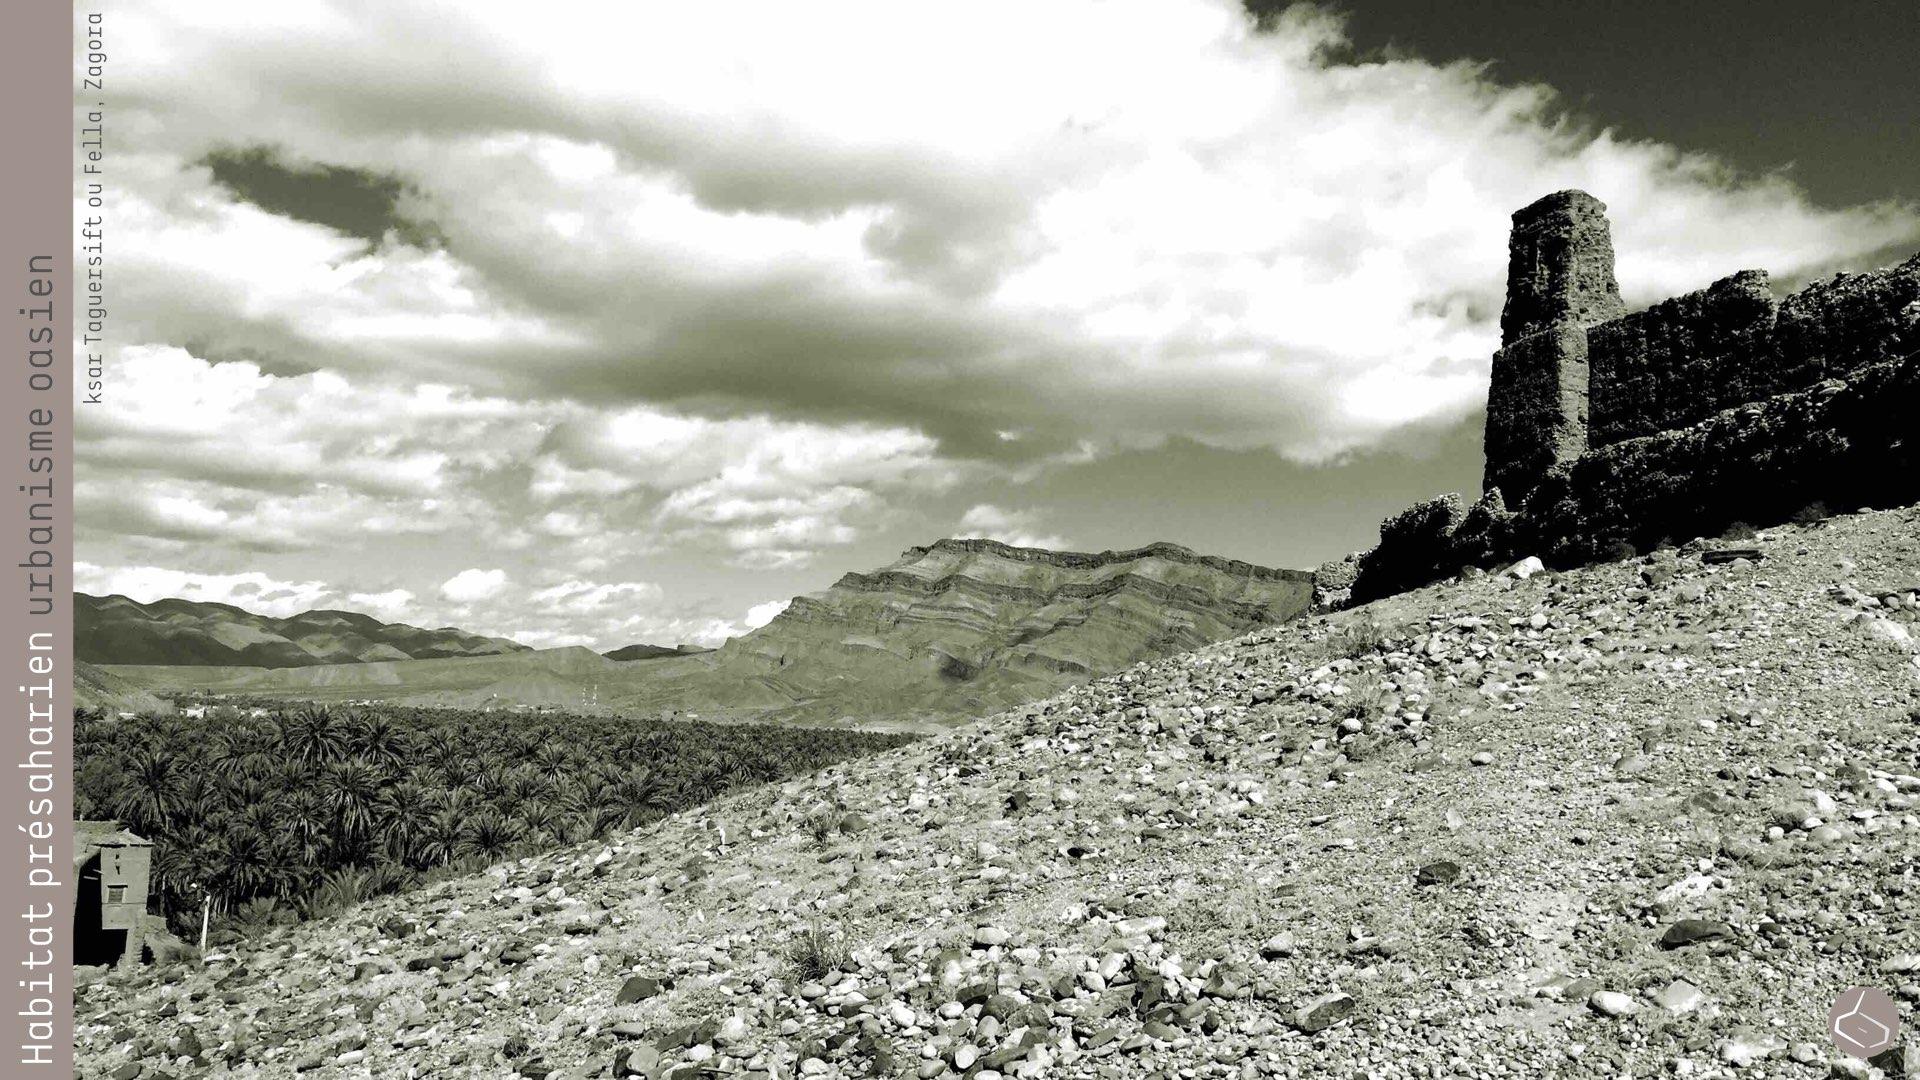 9. Parfois, les hauteurs permettaient aussi de rester vigilant sur les parcours suivis par les caravanes qui arrivaient à M'hamid El Ghizlane (Zagora) et à Tighmert et Assir (Guelmim), depuis le Mali et le Soudan.       9. Sometimes the heights also allowed to remain vigilant on the routes followed by the caravans that arrived to M'hamid El Ghizlane (Zagora) and Tighmert and Assir (Guelmim), from Mali and Sudan.